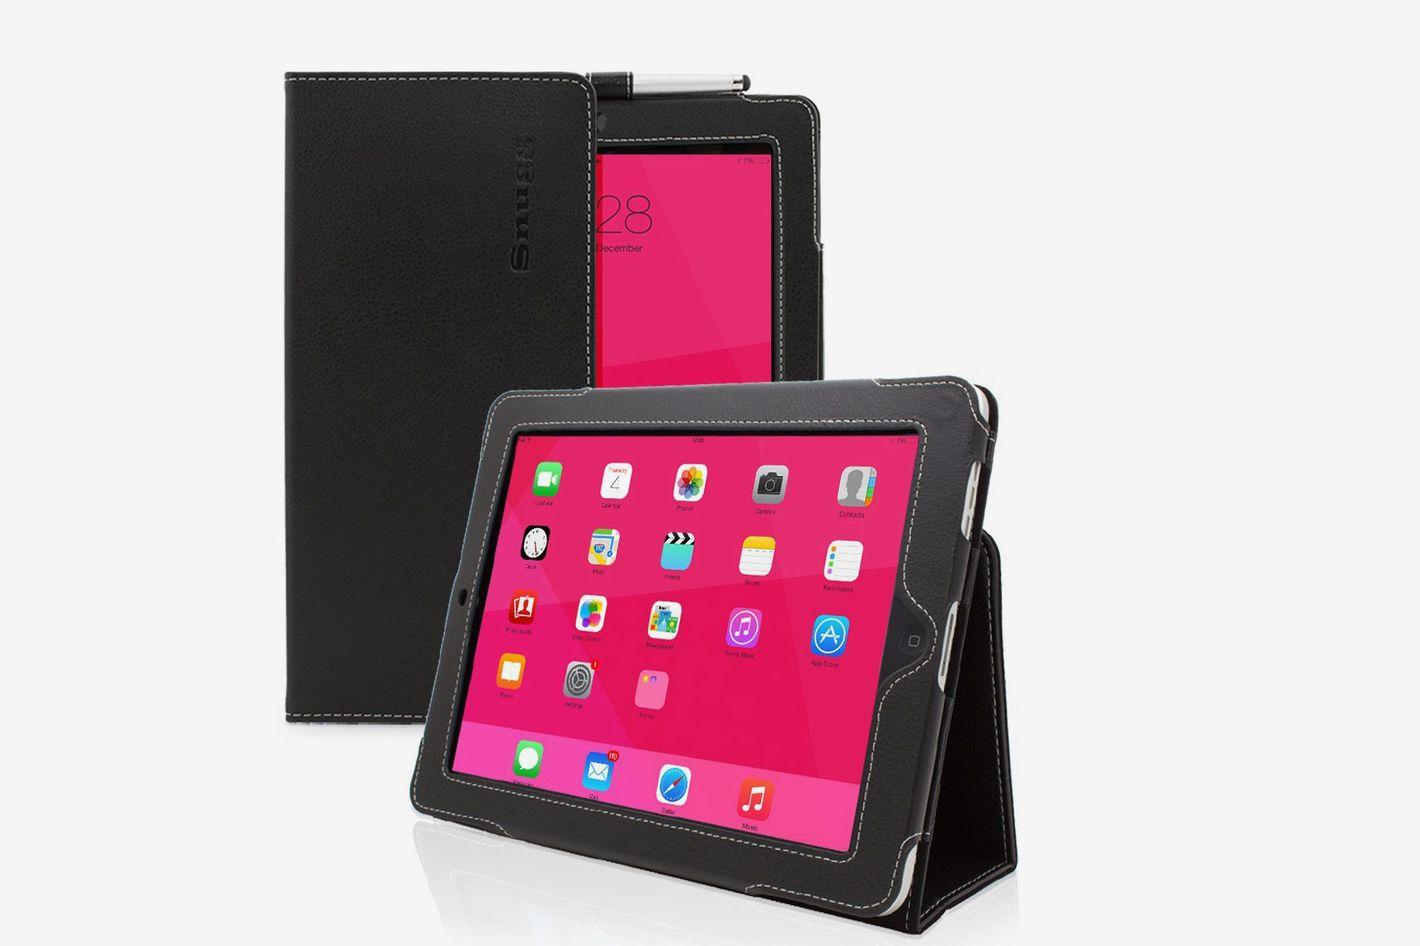 Fintie iPad 1 Folio Case